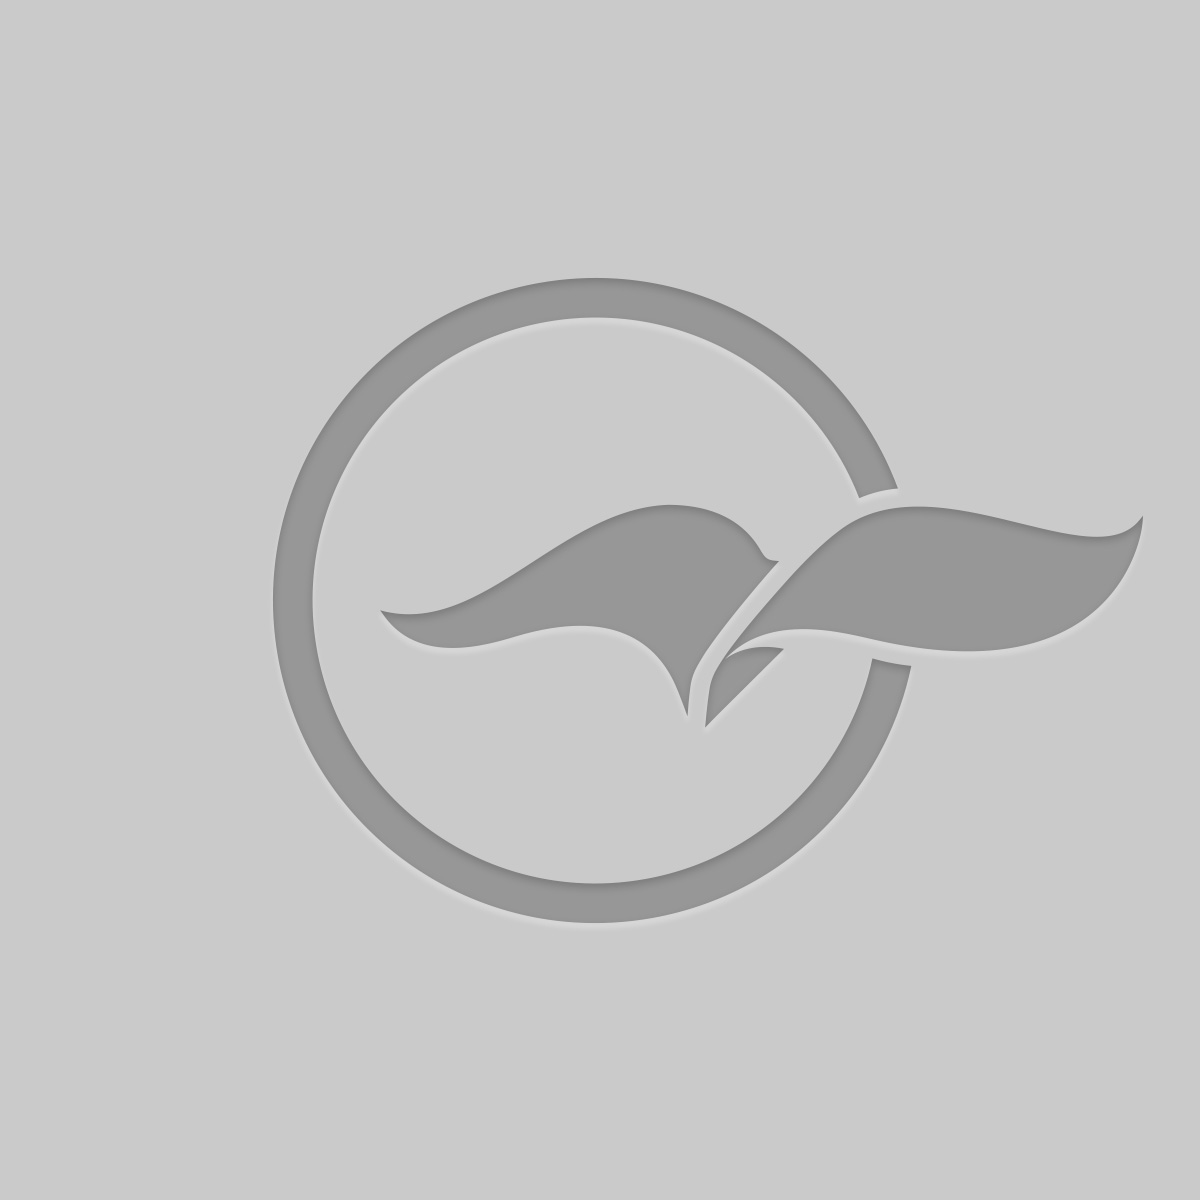 നൈജീരിയ: രണ്ടാമത്തെ ചിബോക് പെണ്കുട്ടിയെ രക്ഷപ്പെടുത്തി